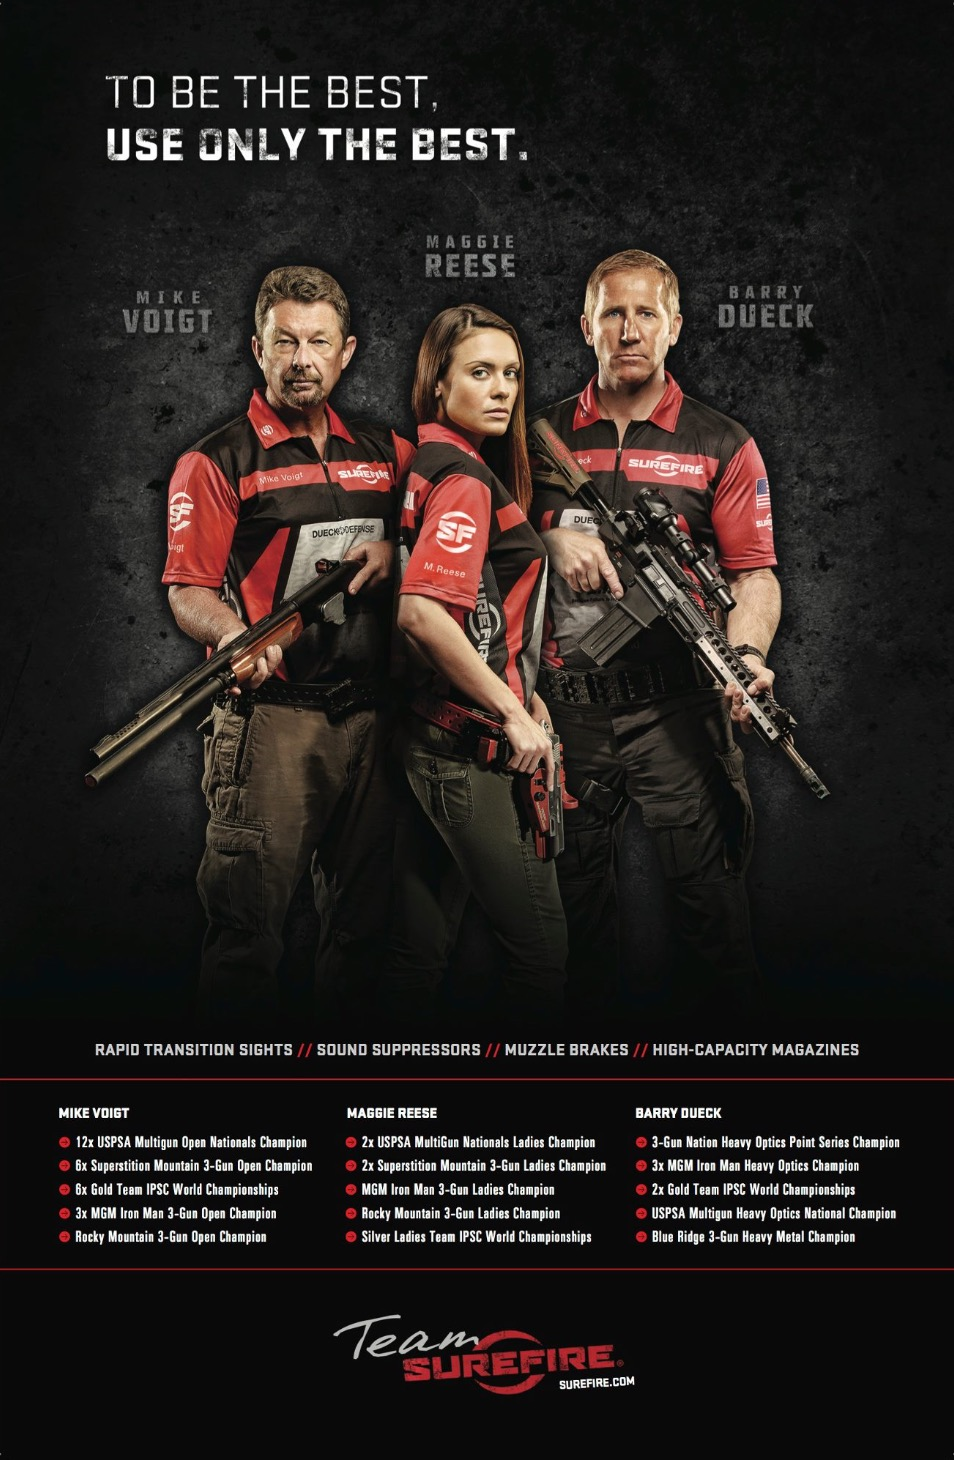 Team Surefire-Voigt, Reese, & Dueck